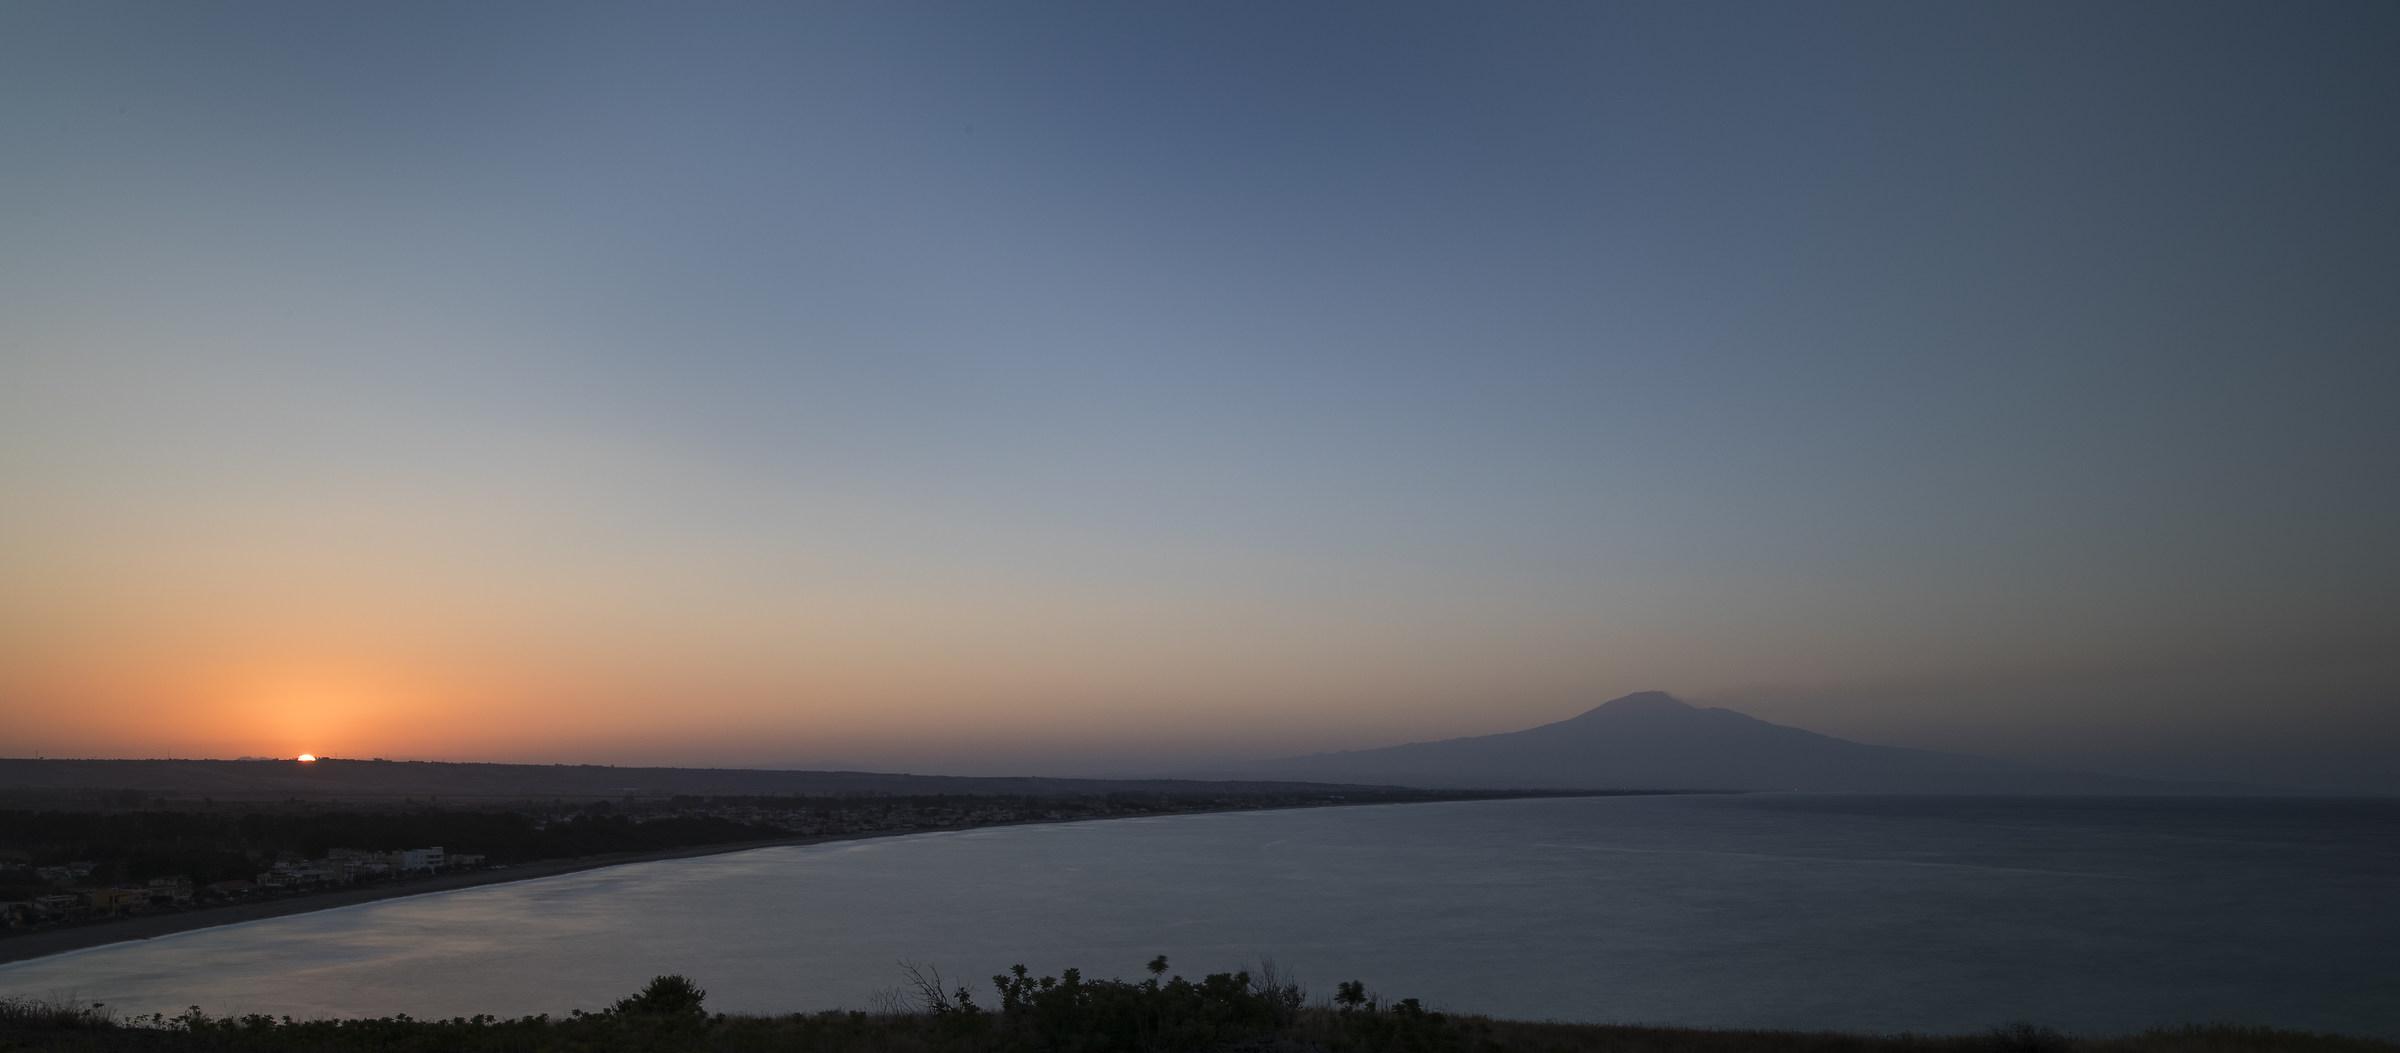 Al tramonto, da Costa Saracena verso l'Etna...